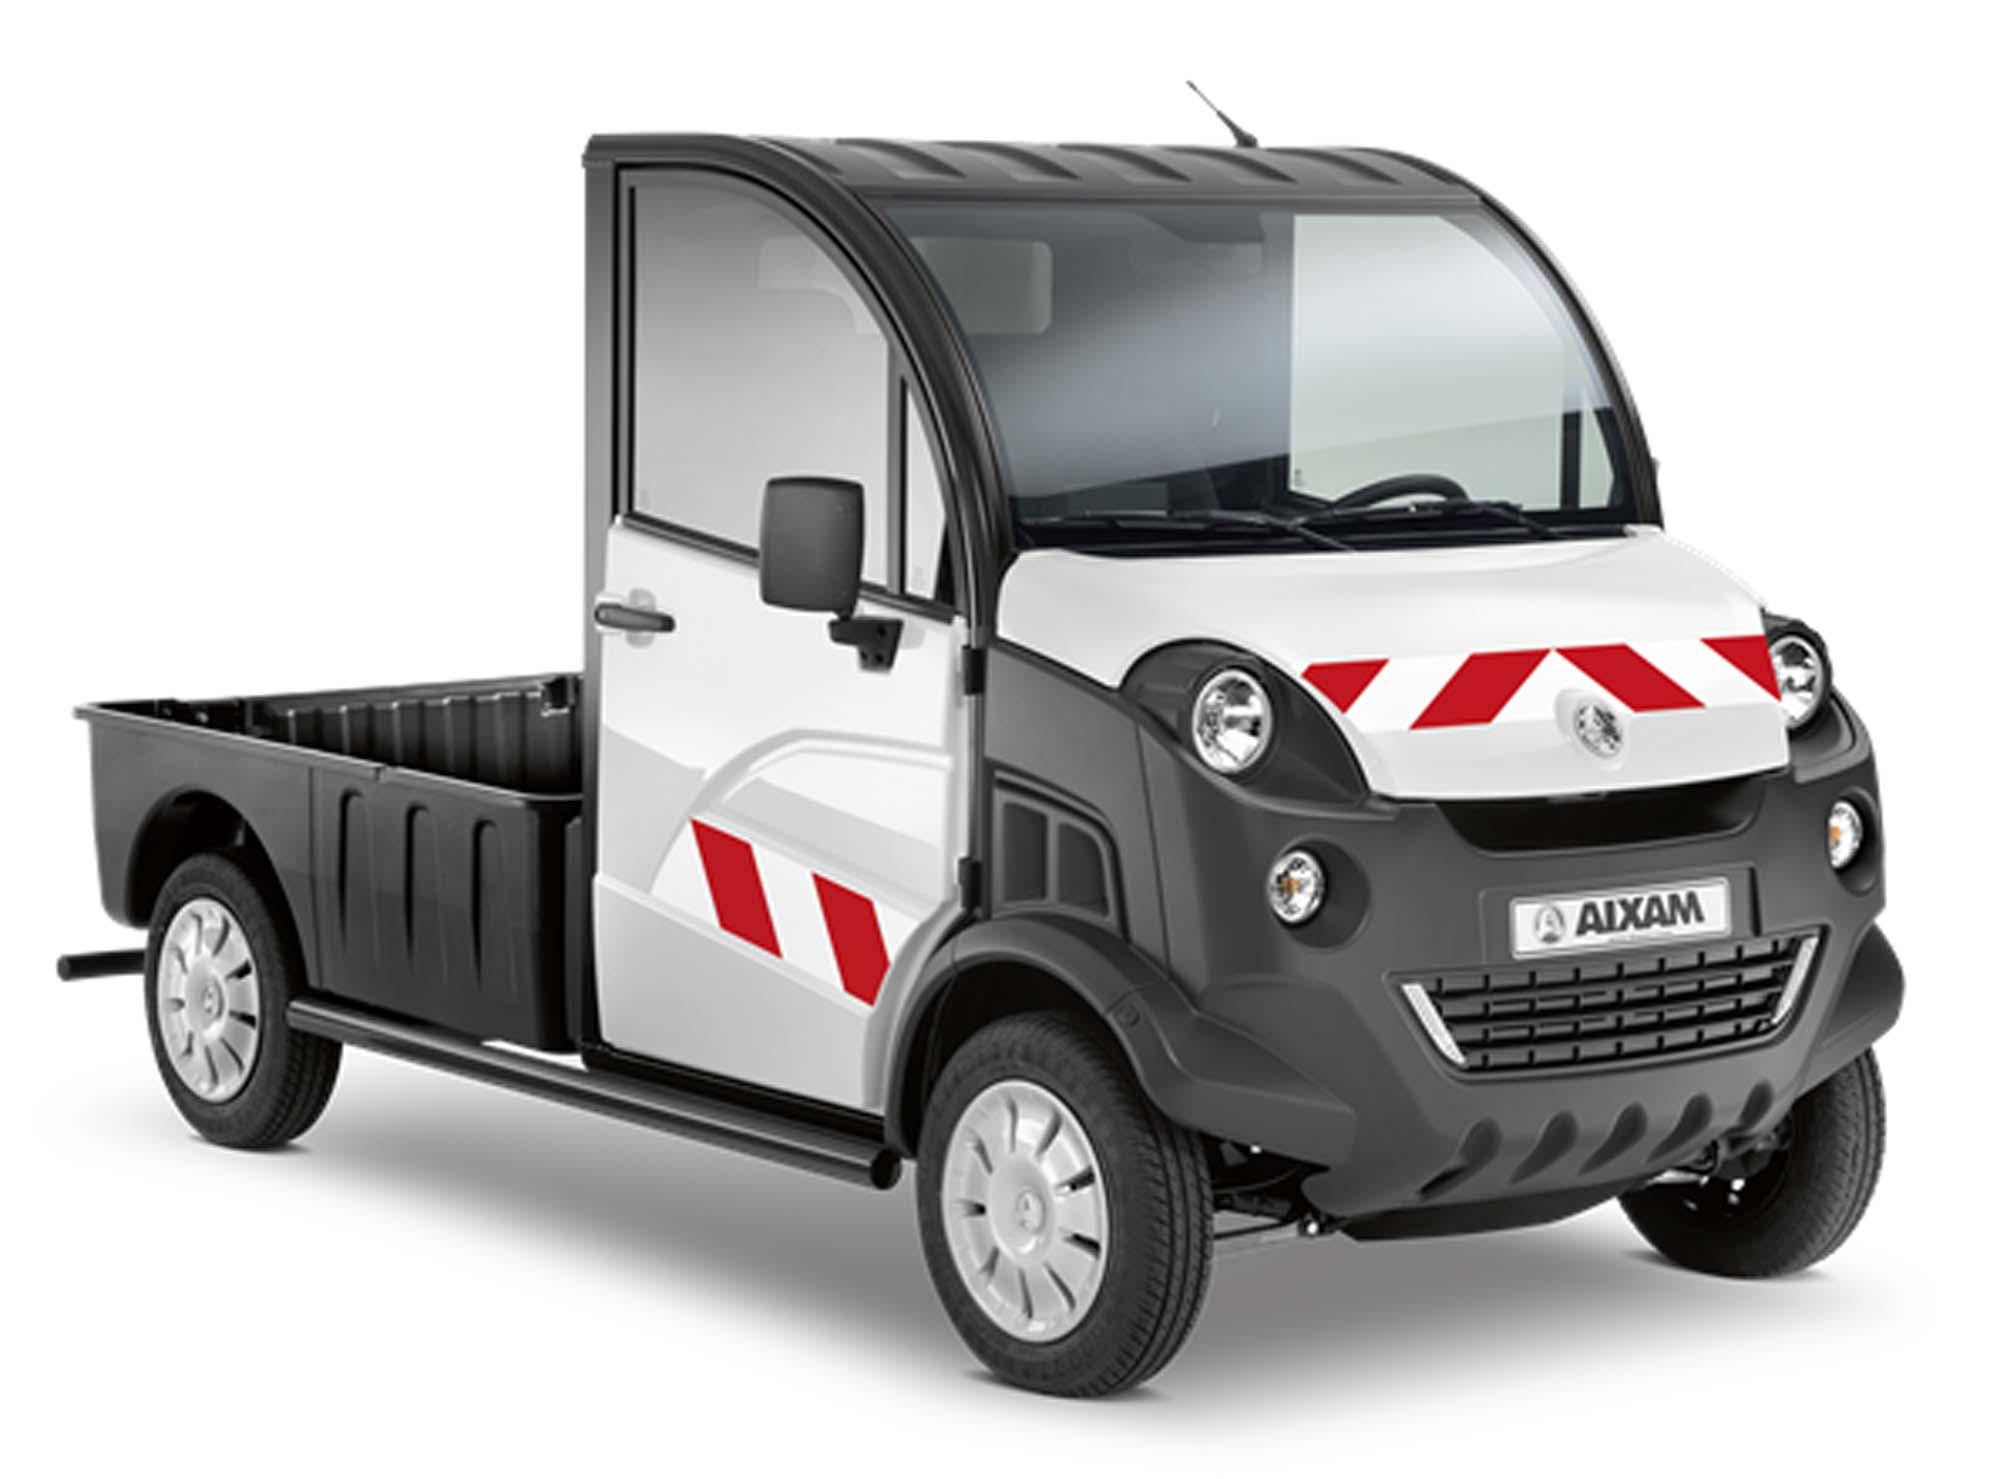 gebrauchte und neue aixam d truck 400 pick up motorr der. Black Bedroom Furniture Sets. Home Design Ideas